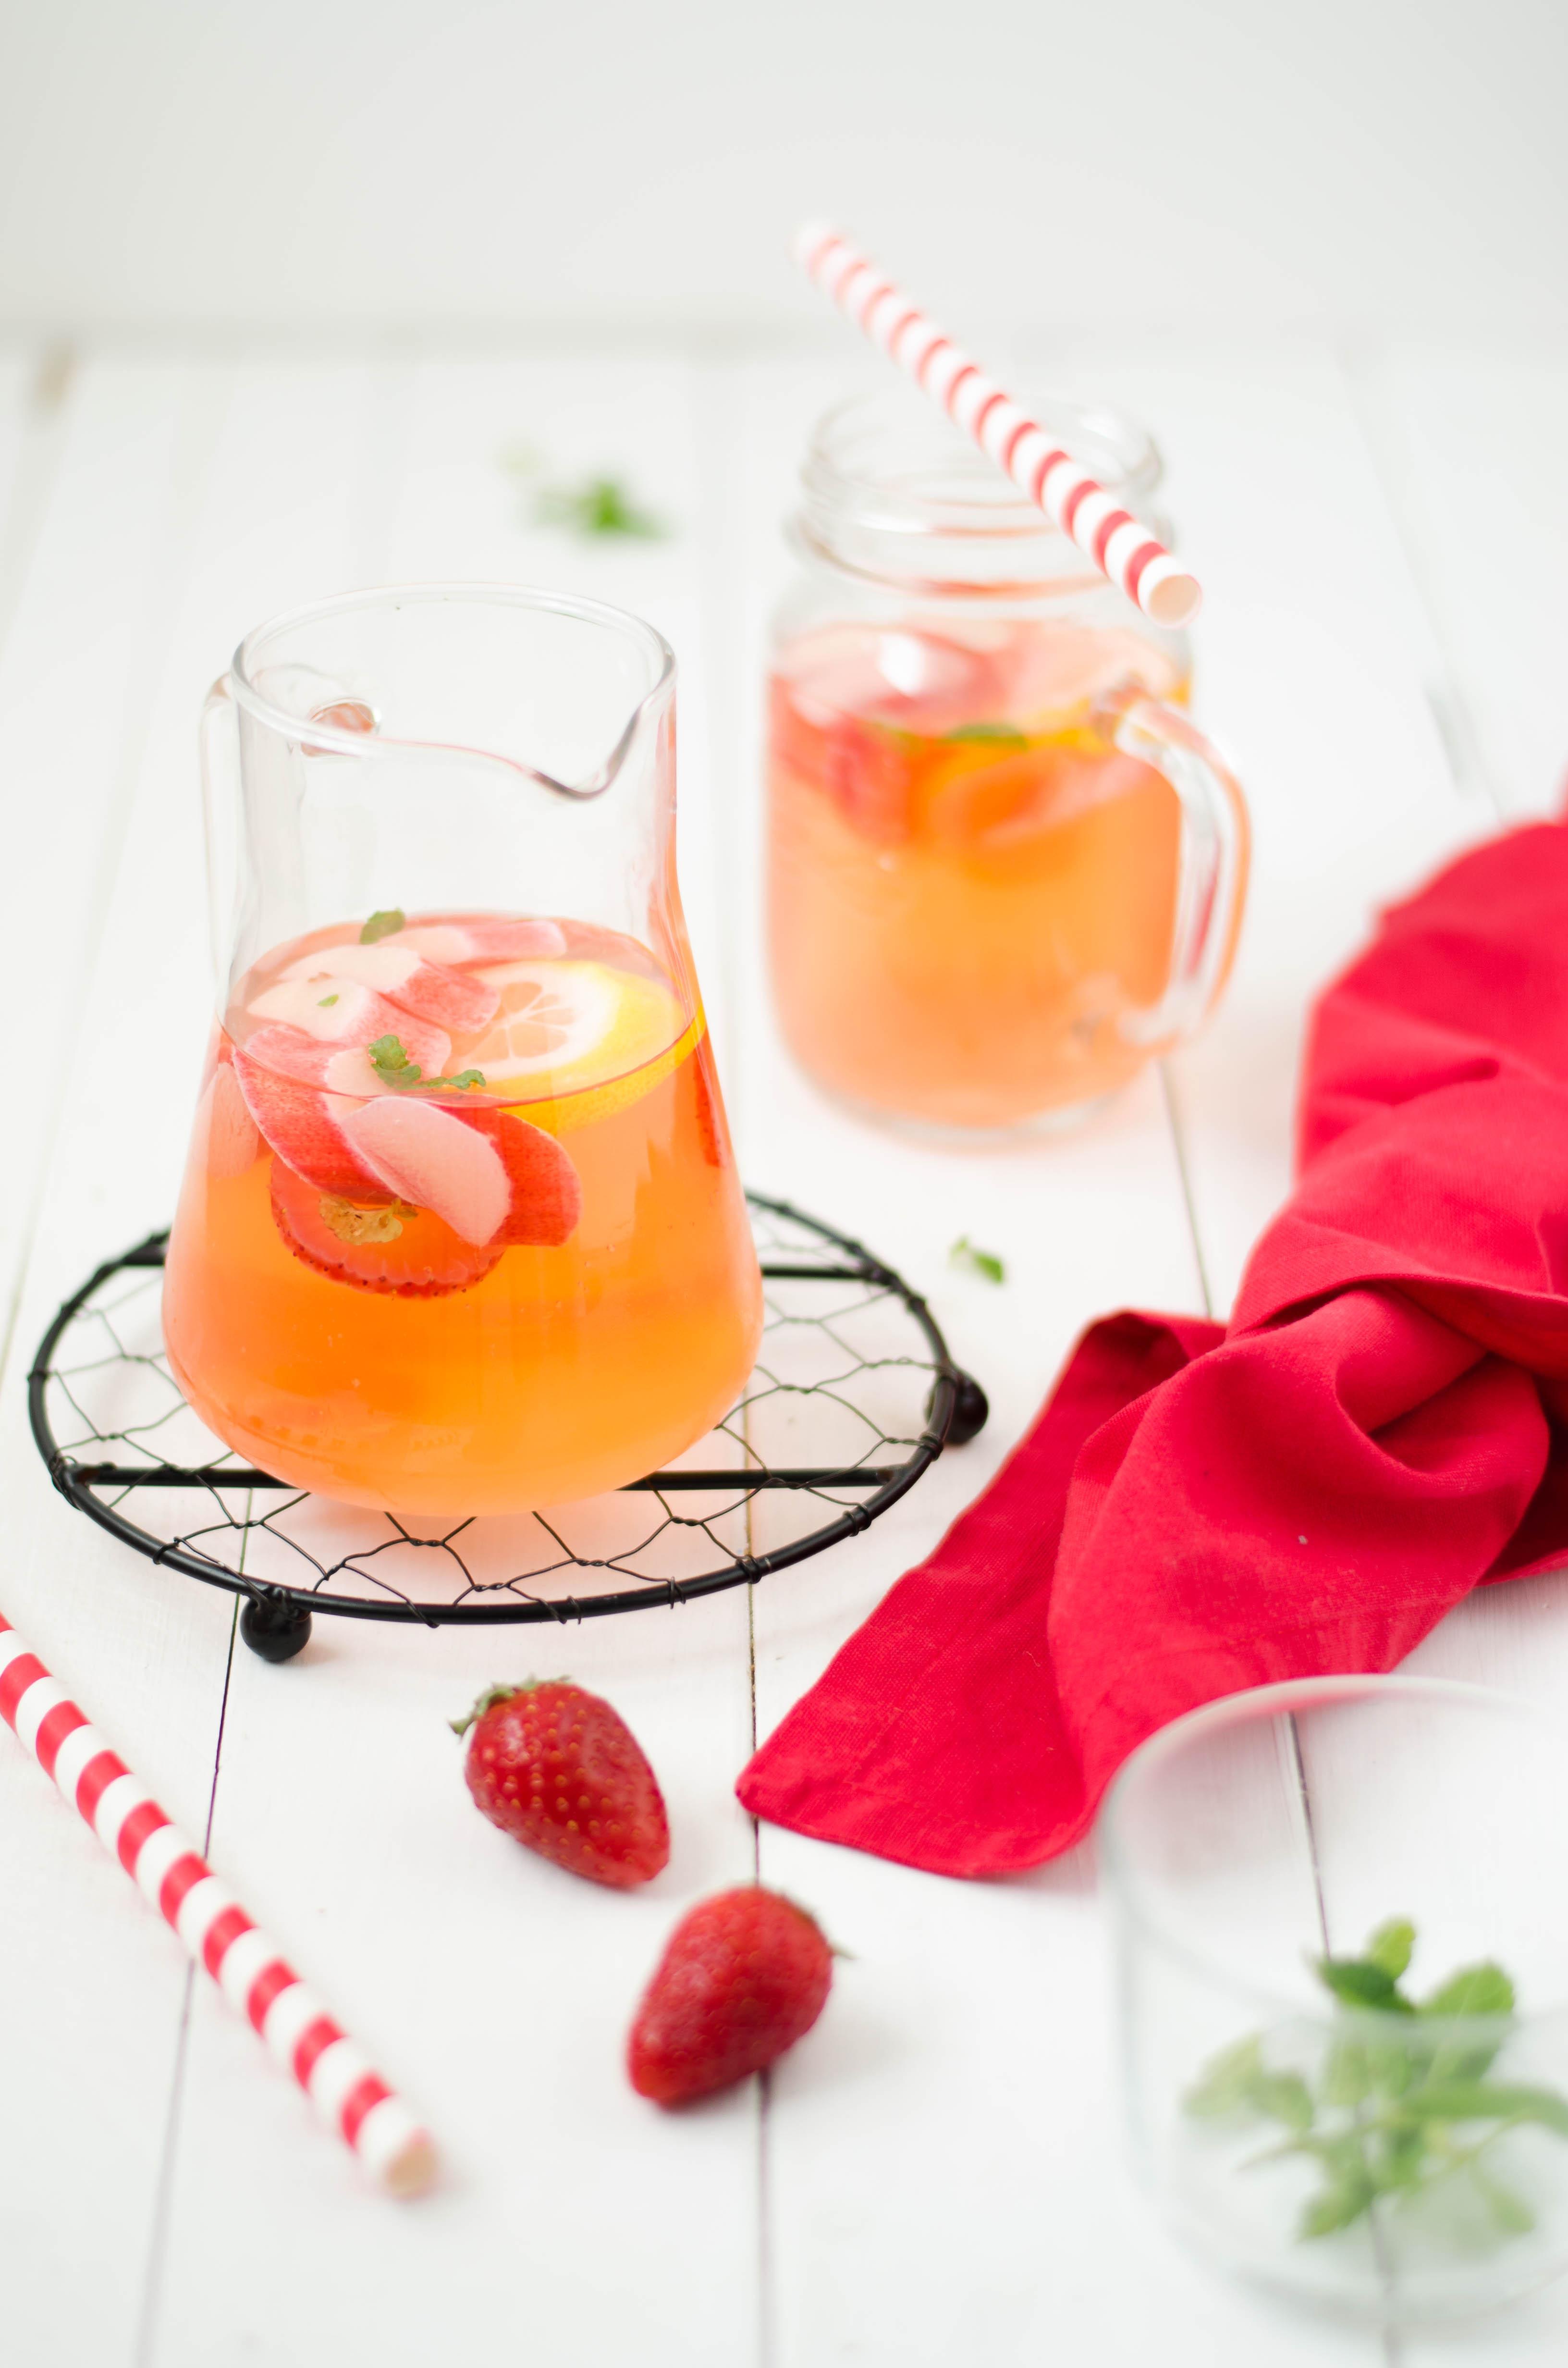 acqua_aromatizzata_rabarbaro2 Acqua aromatizzata al rabarbaro, fragole e zenzero